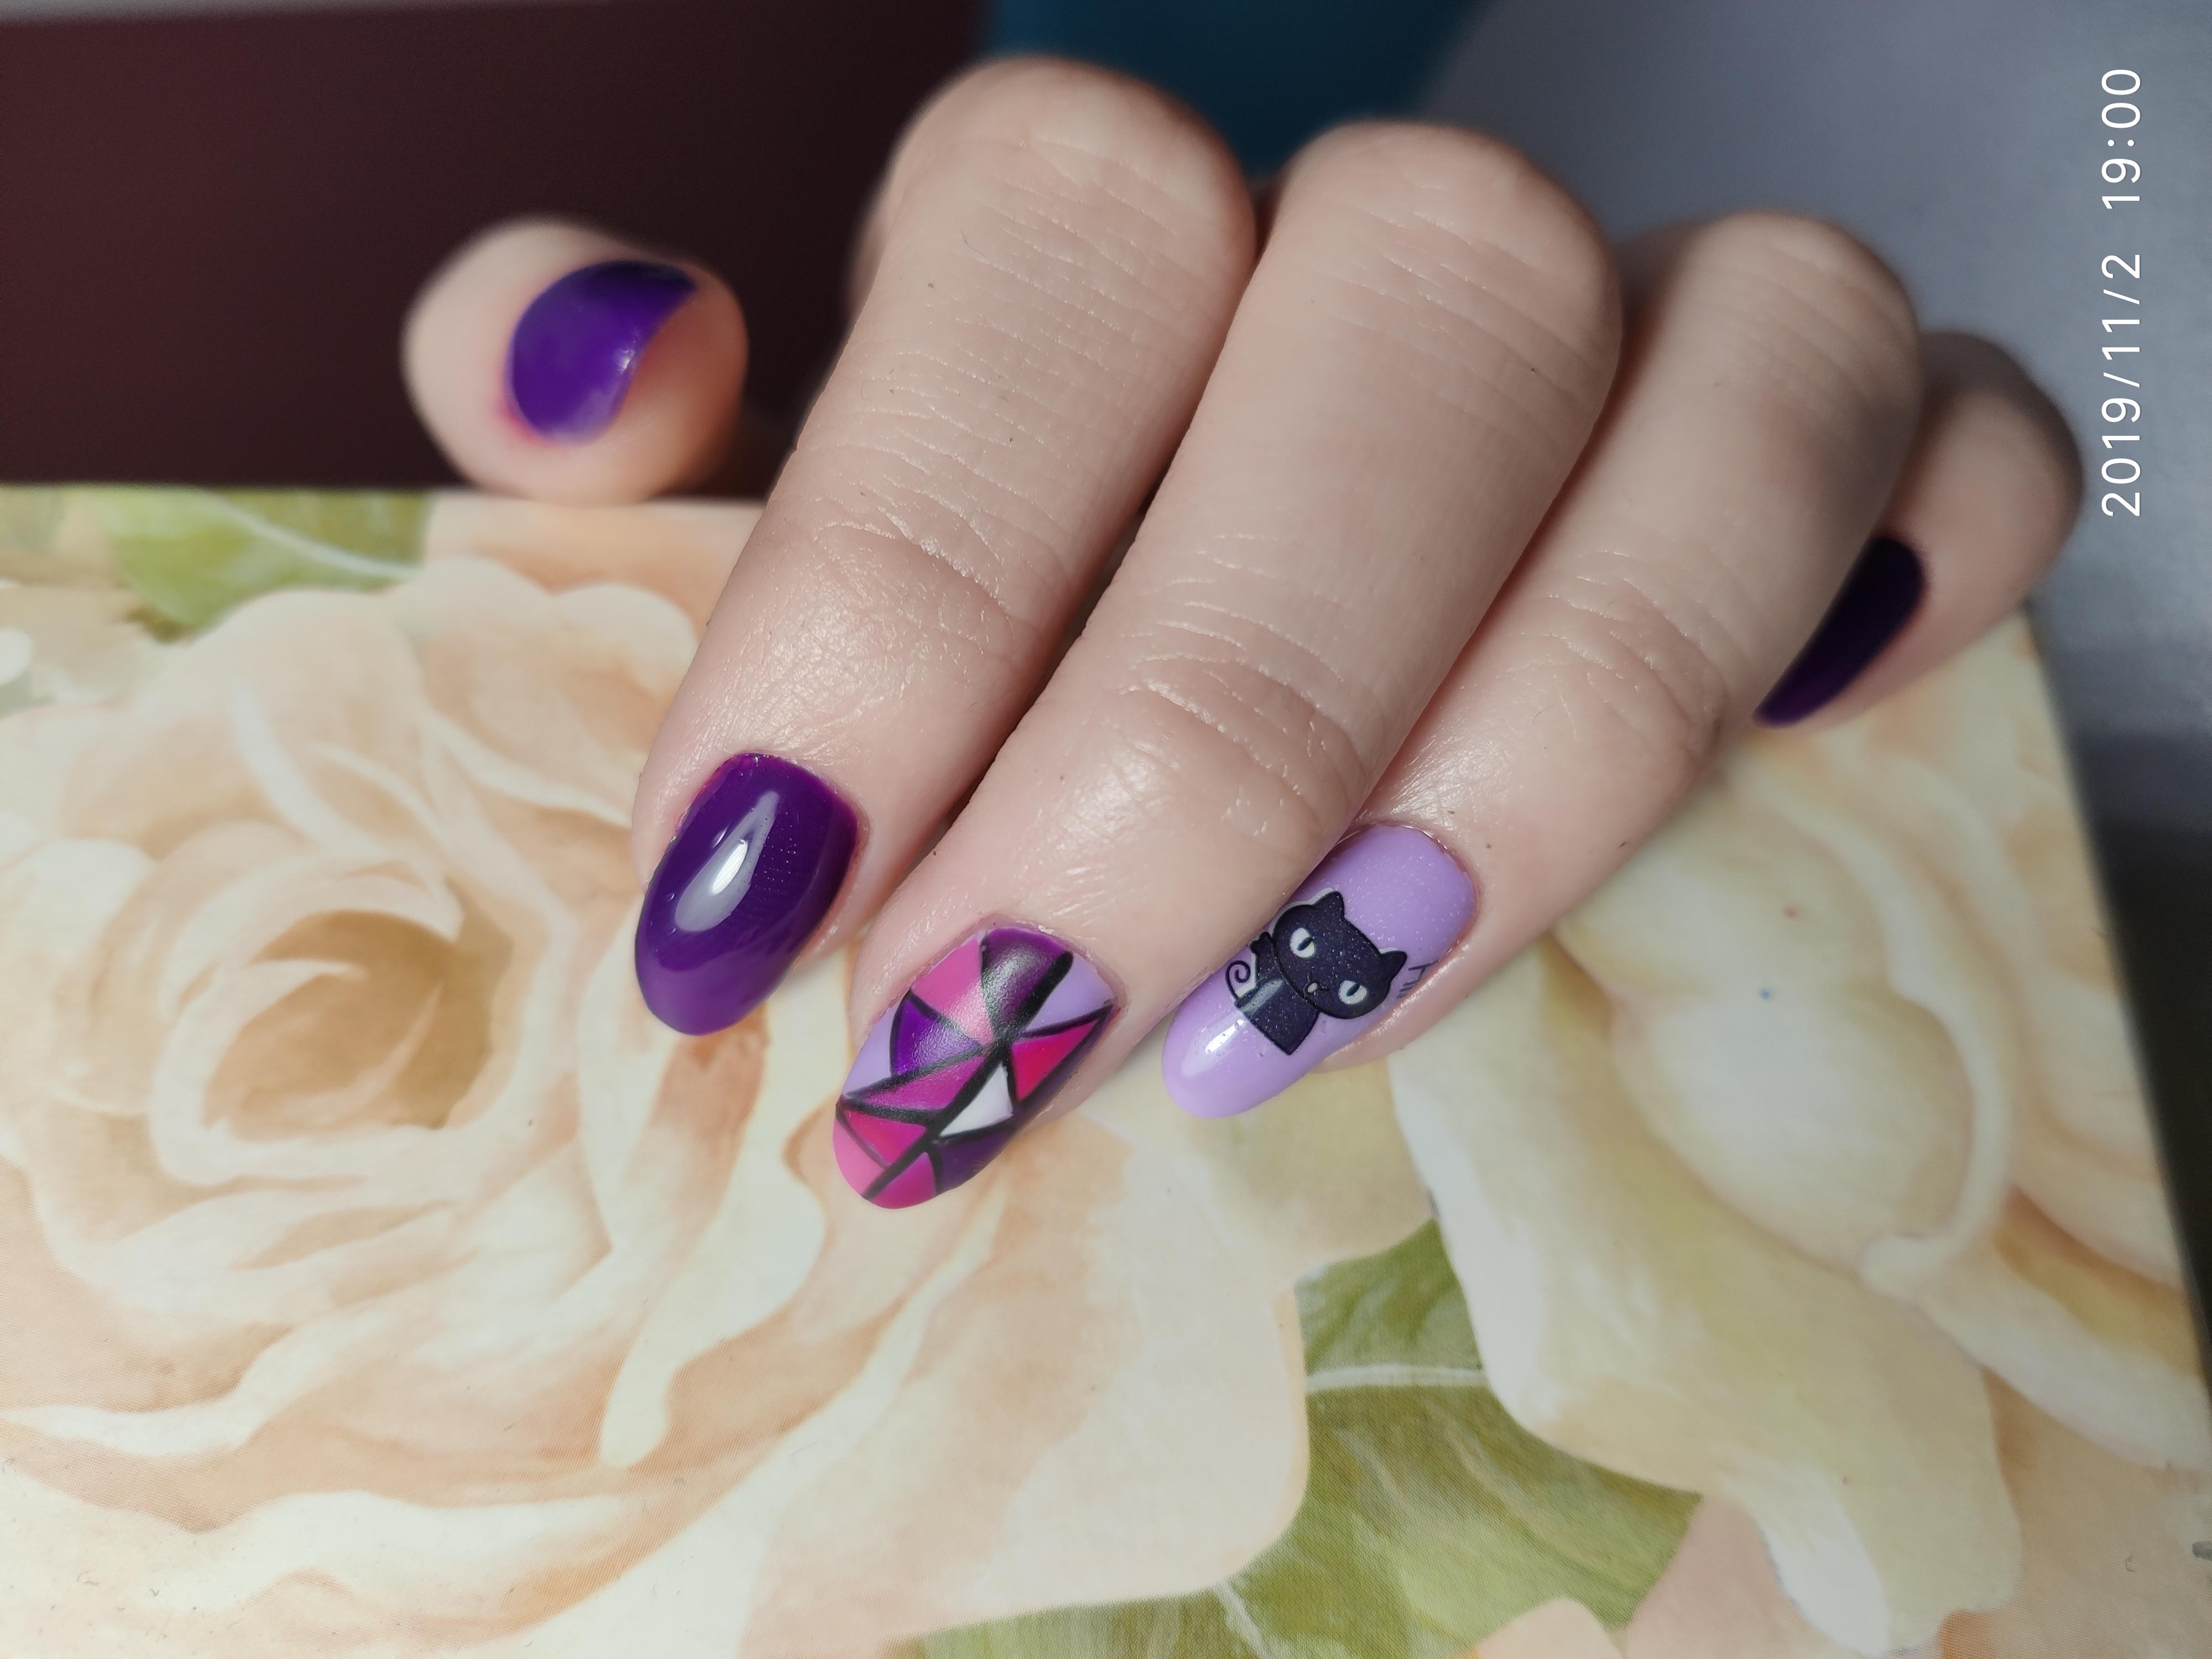 Геометрический маникюр с мультяшной кошкой в фиолетовом цвете.